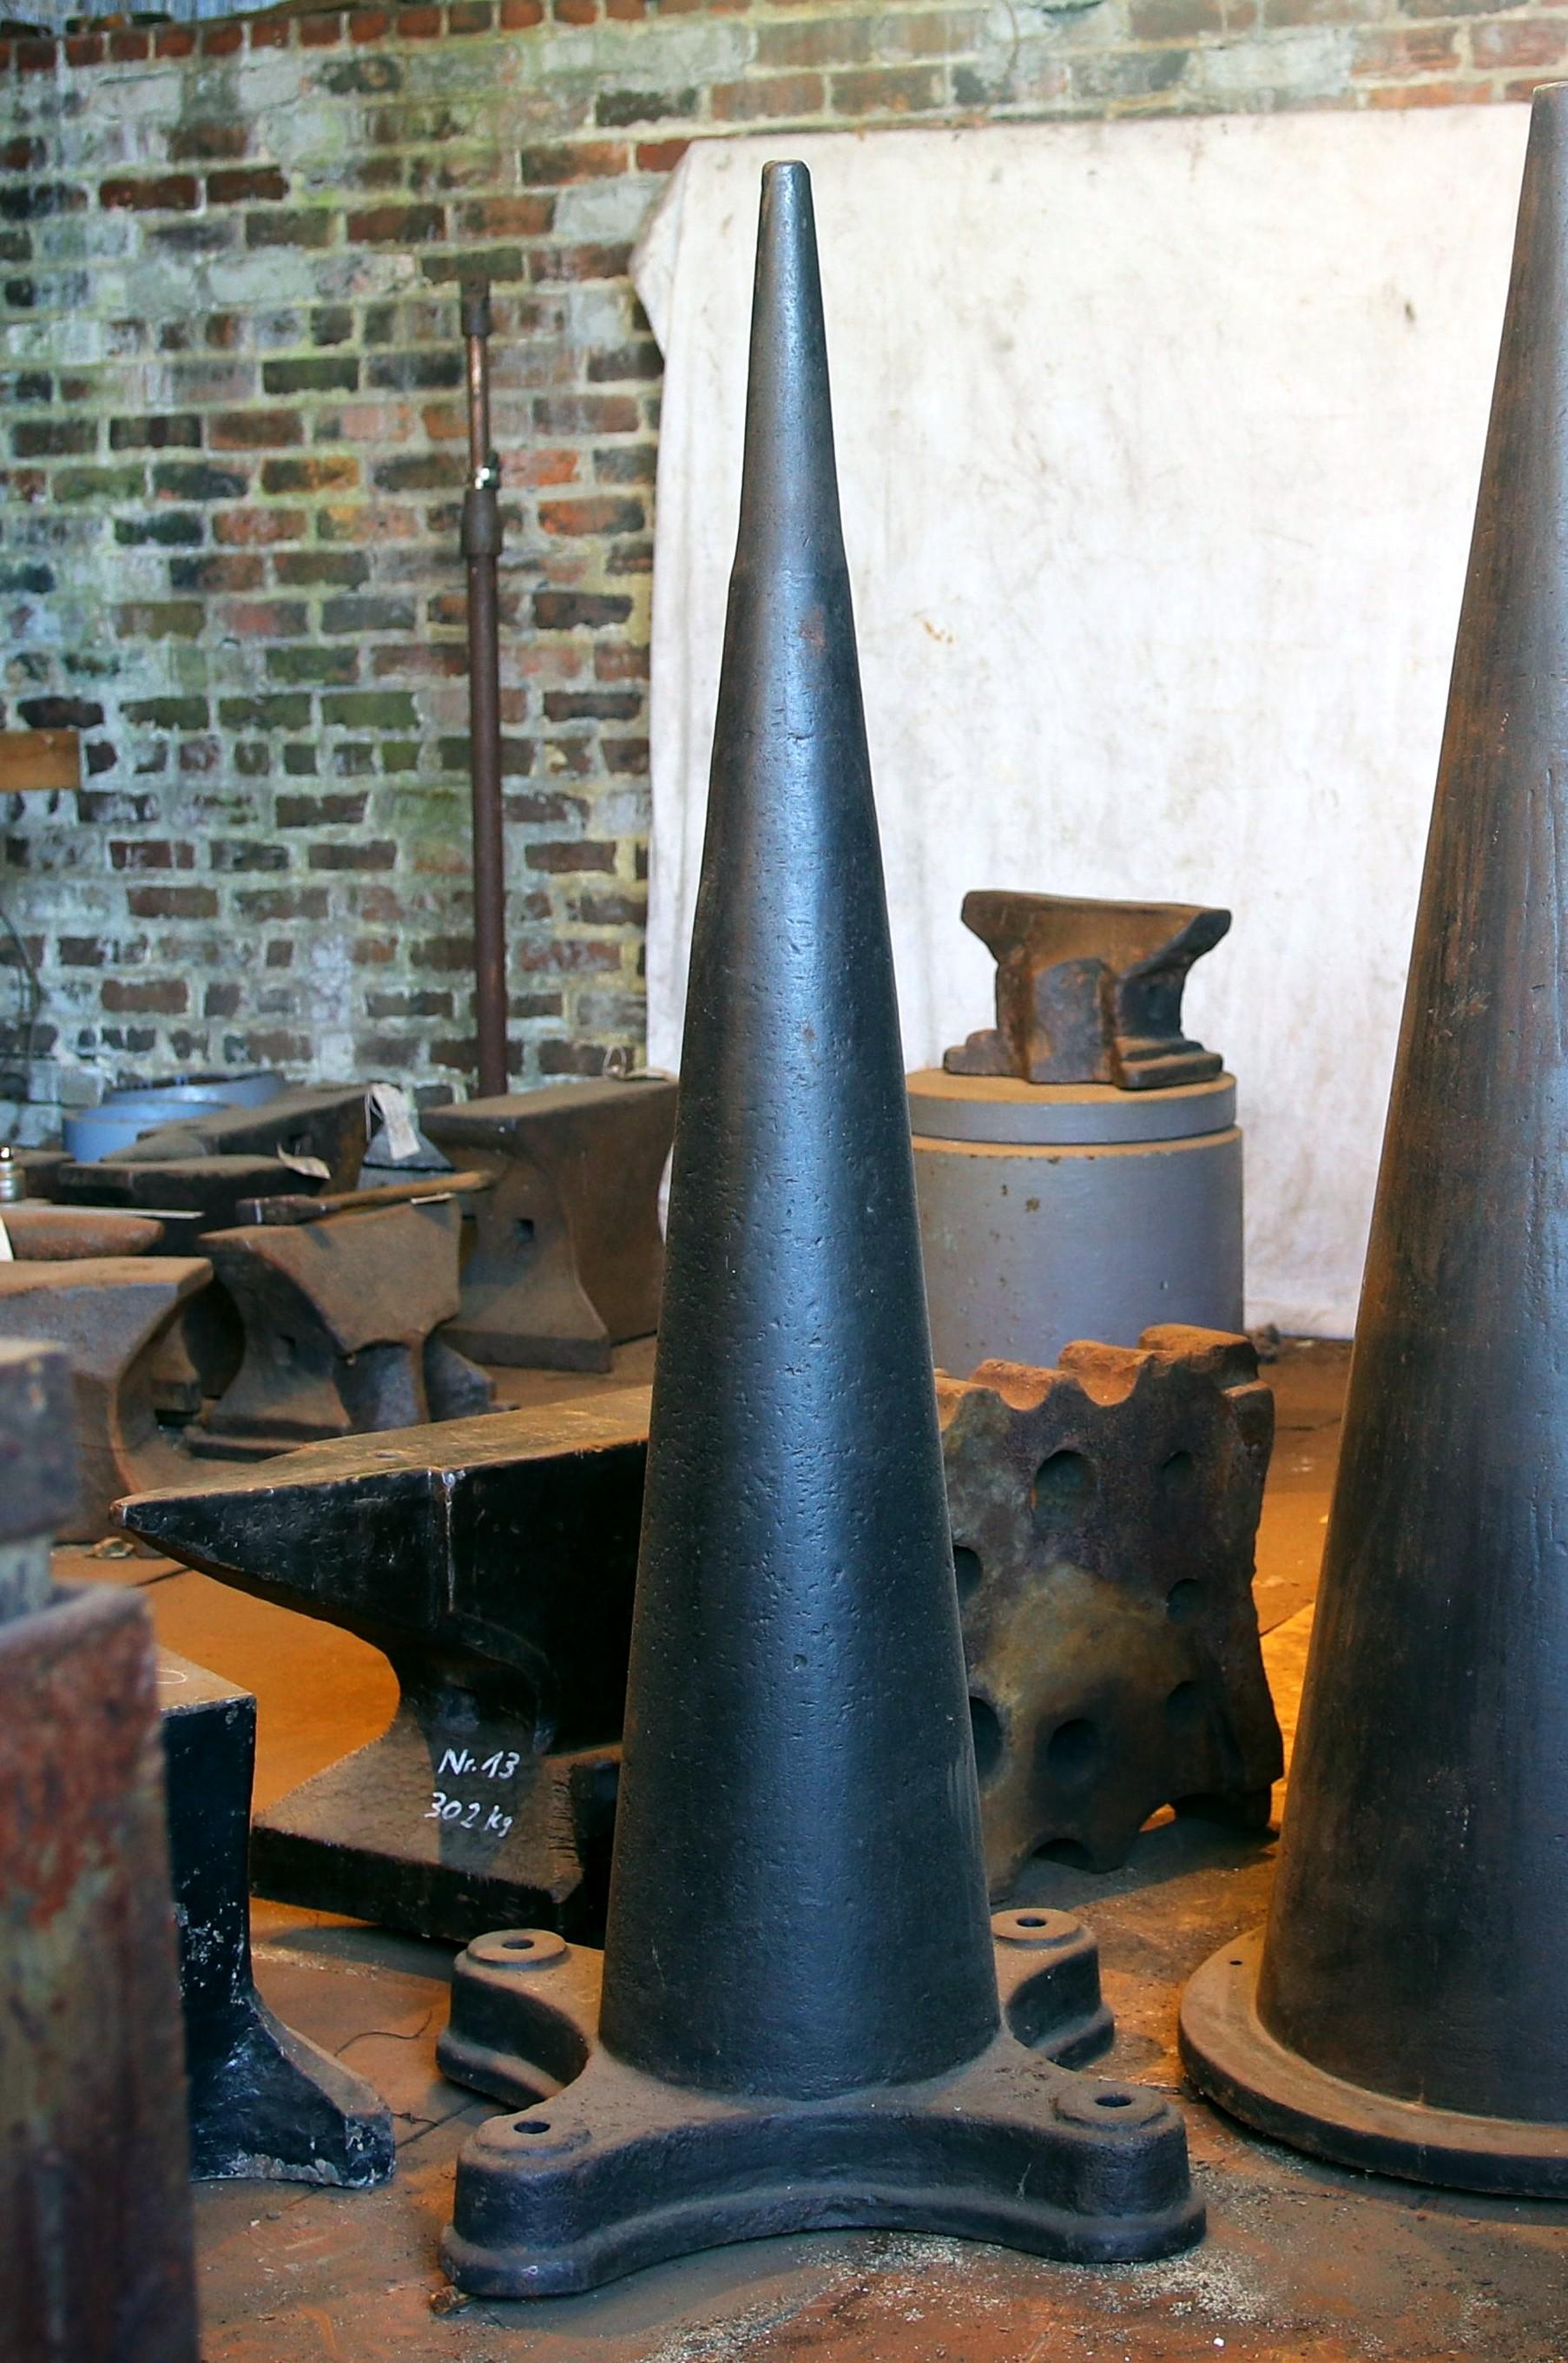 308 lb blacksmith cone anvil German industrial